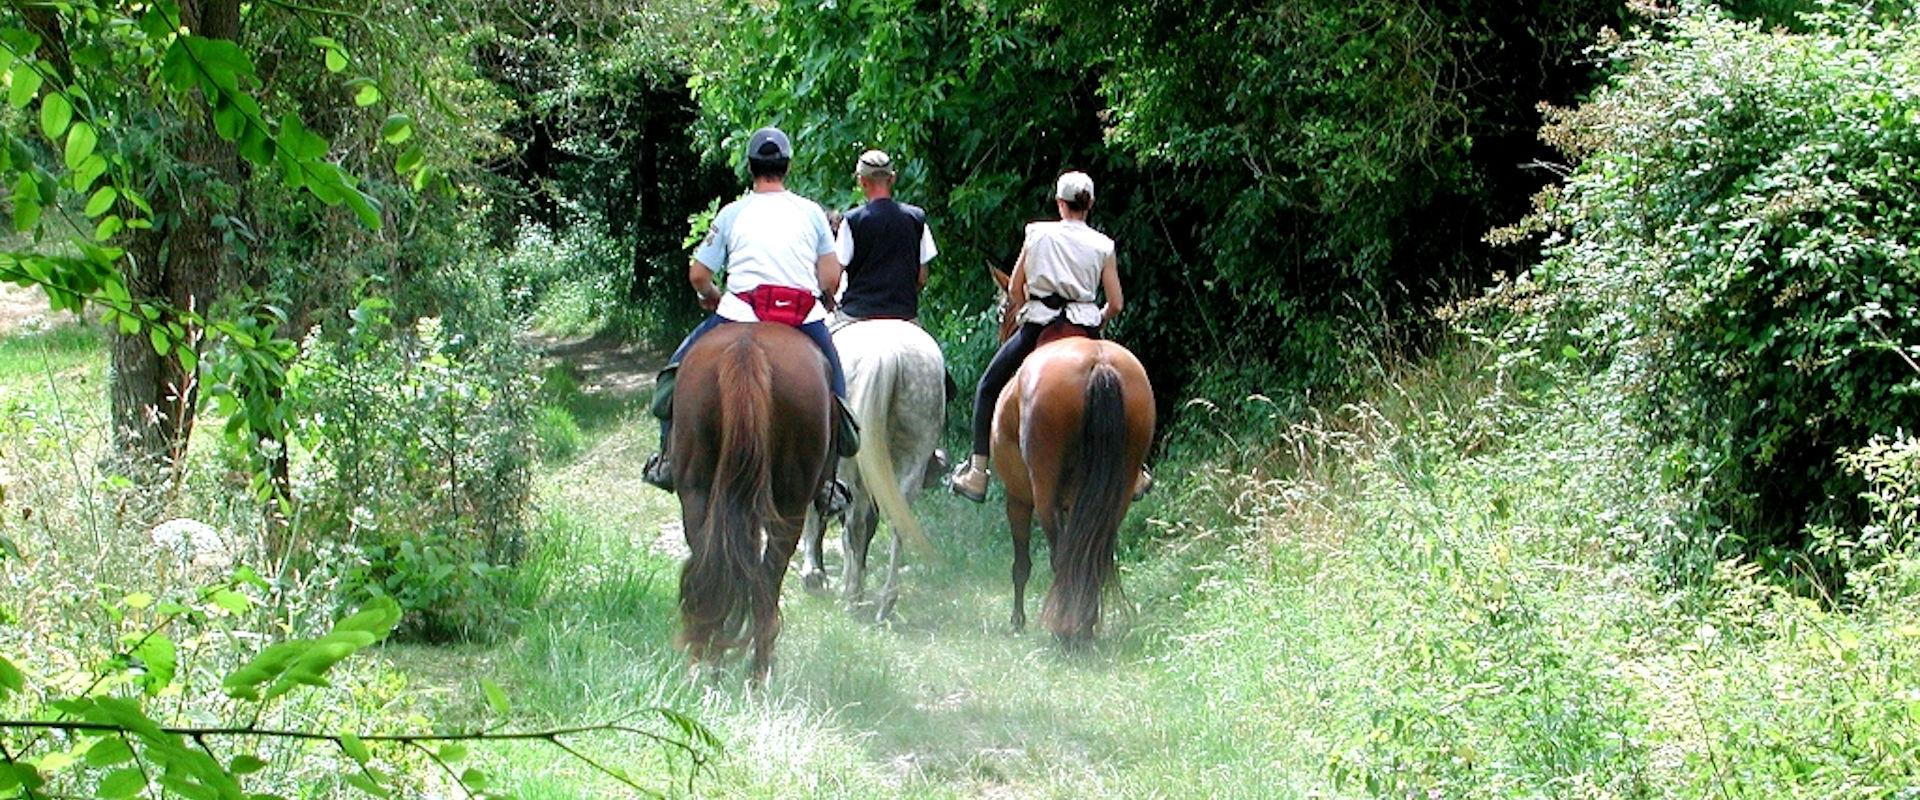 Promenade à cheval en Agenais